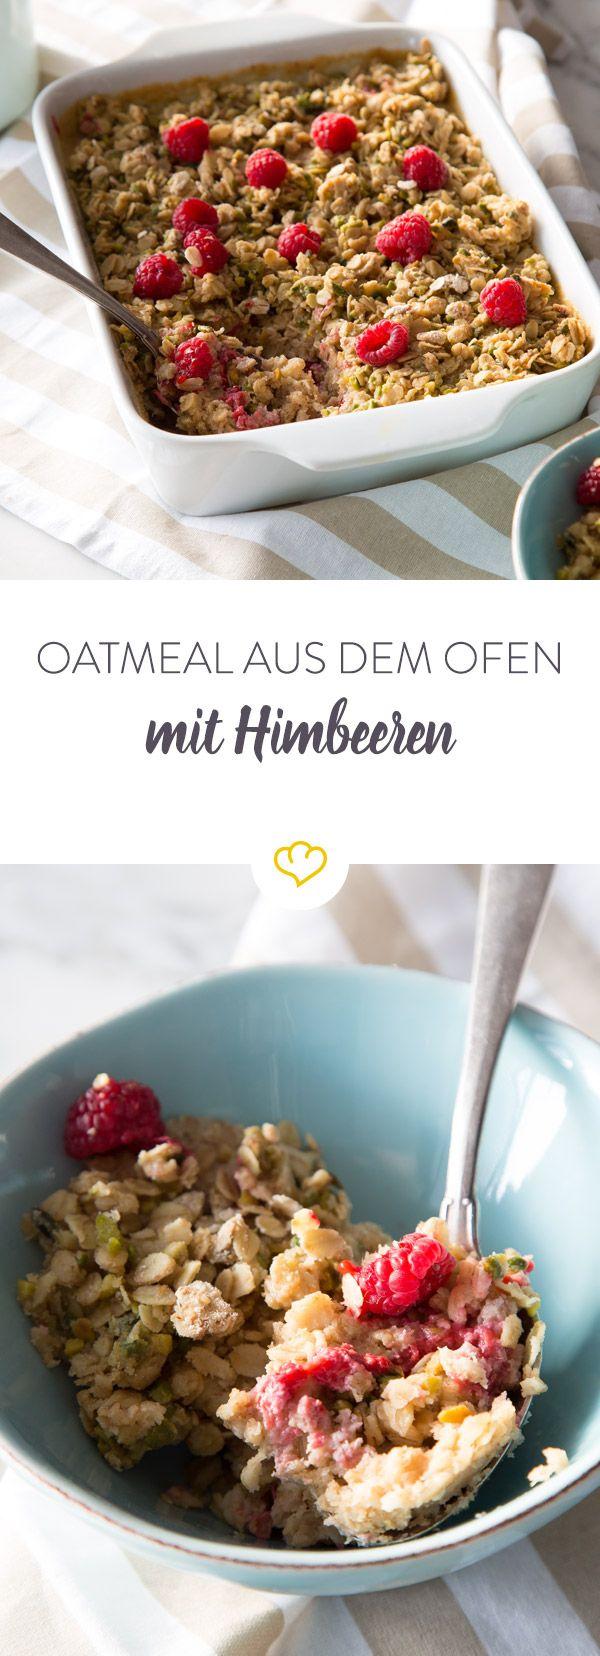 Dieses Oatmeal kommt mit Erdnussbutter, Keksen und Himbeeren und einem köstlichem Crumble mit Pistazien aus dem Ofen direkt auf deinen Frühstückstisch.